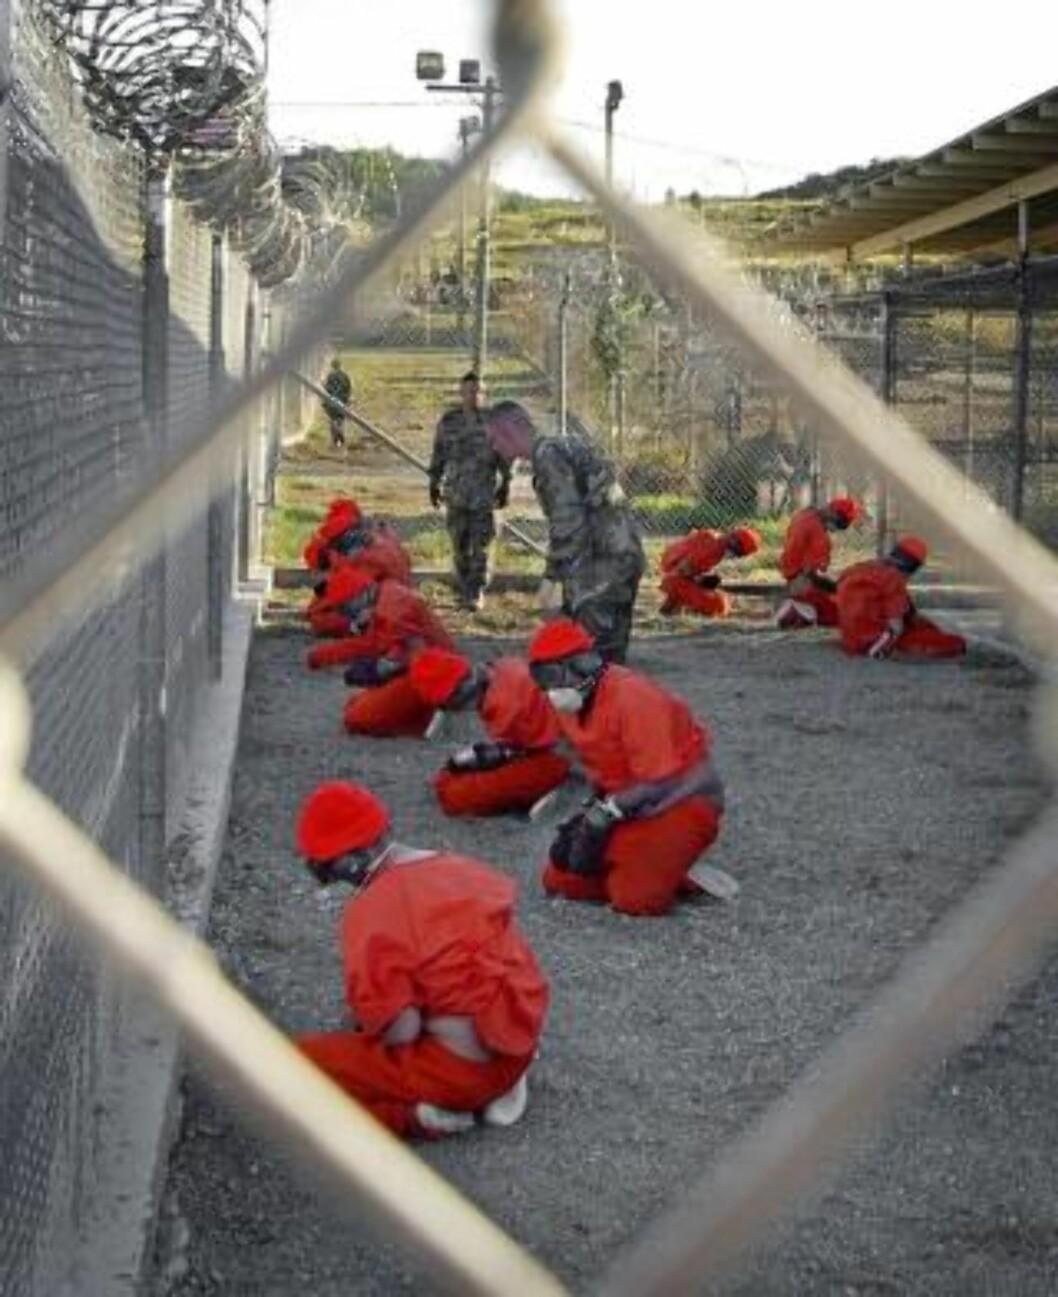 <strong>BRUKTE TORTURLIGNENDE METODER:</strong> Det har blitt bekreftet at torturlignende metoder ble brukt på Guantanamo. Nå forteller fangevokterne sine historier. Foto: Shane T.McCoy/US Navy/AP/Scanpix